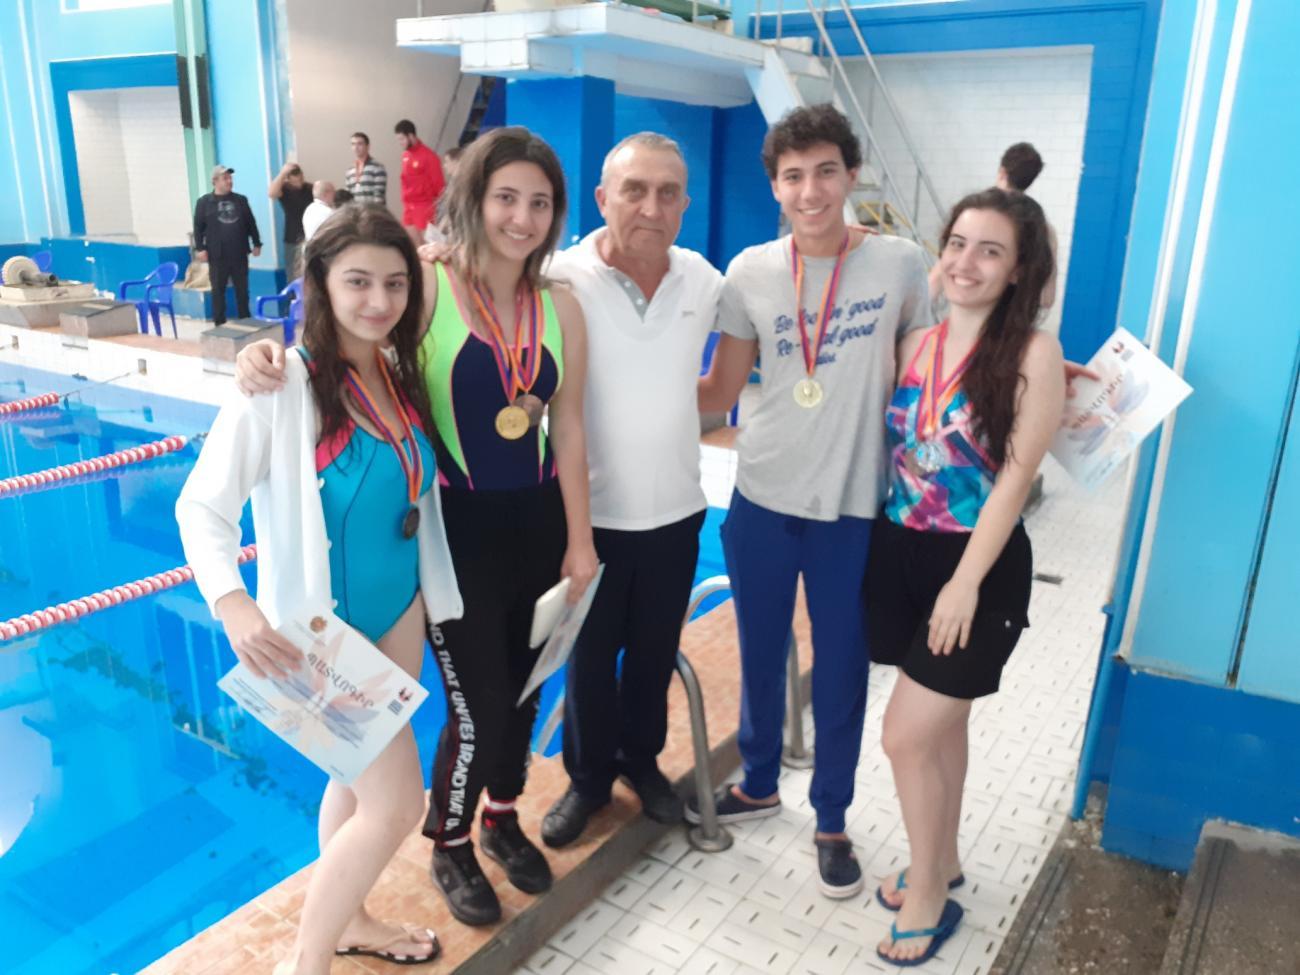 Ապագա բժիշկները հաջողություններ են գրանցել լողի միջբուհական առաջնությունում